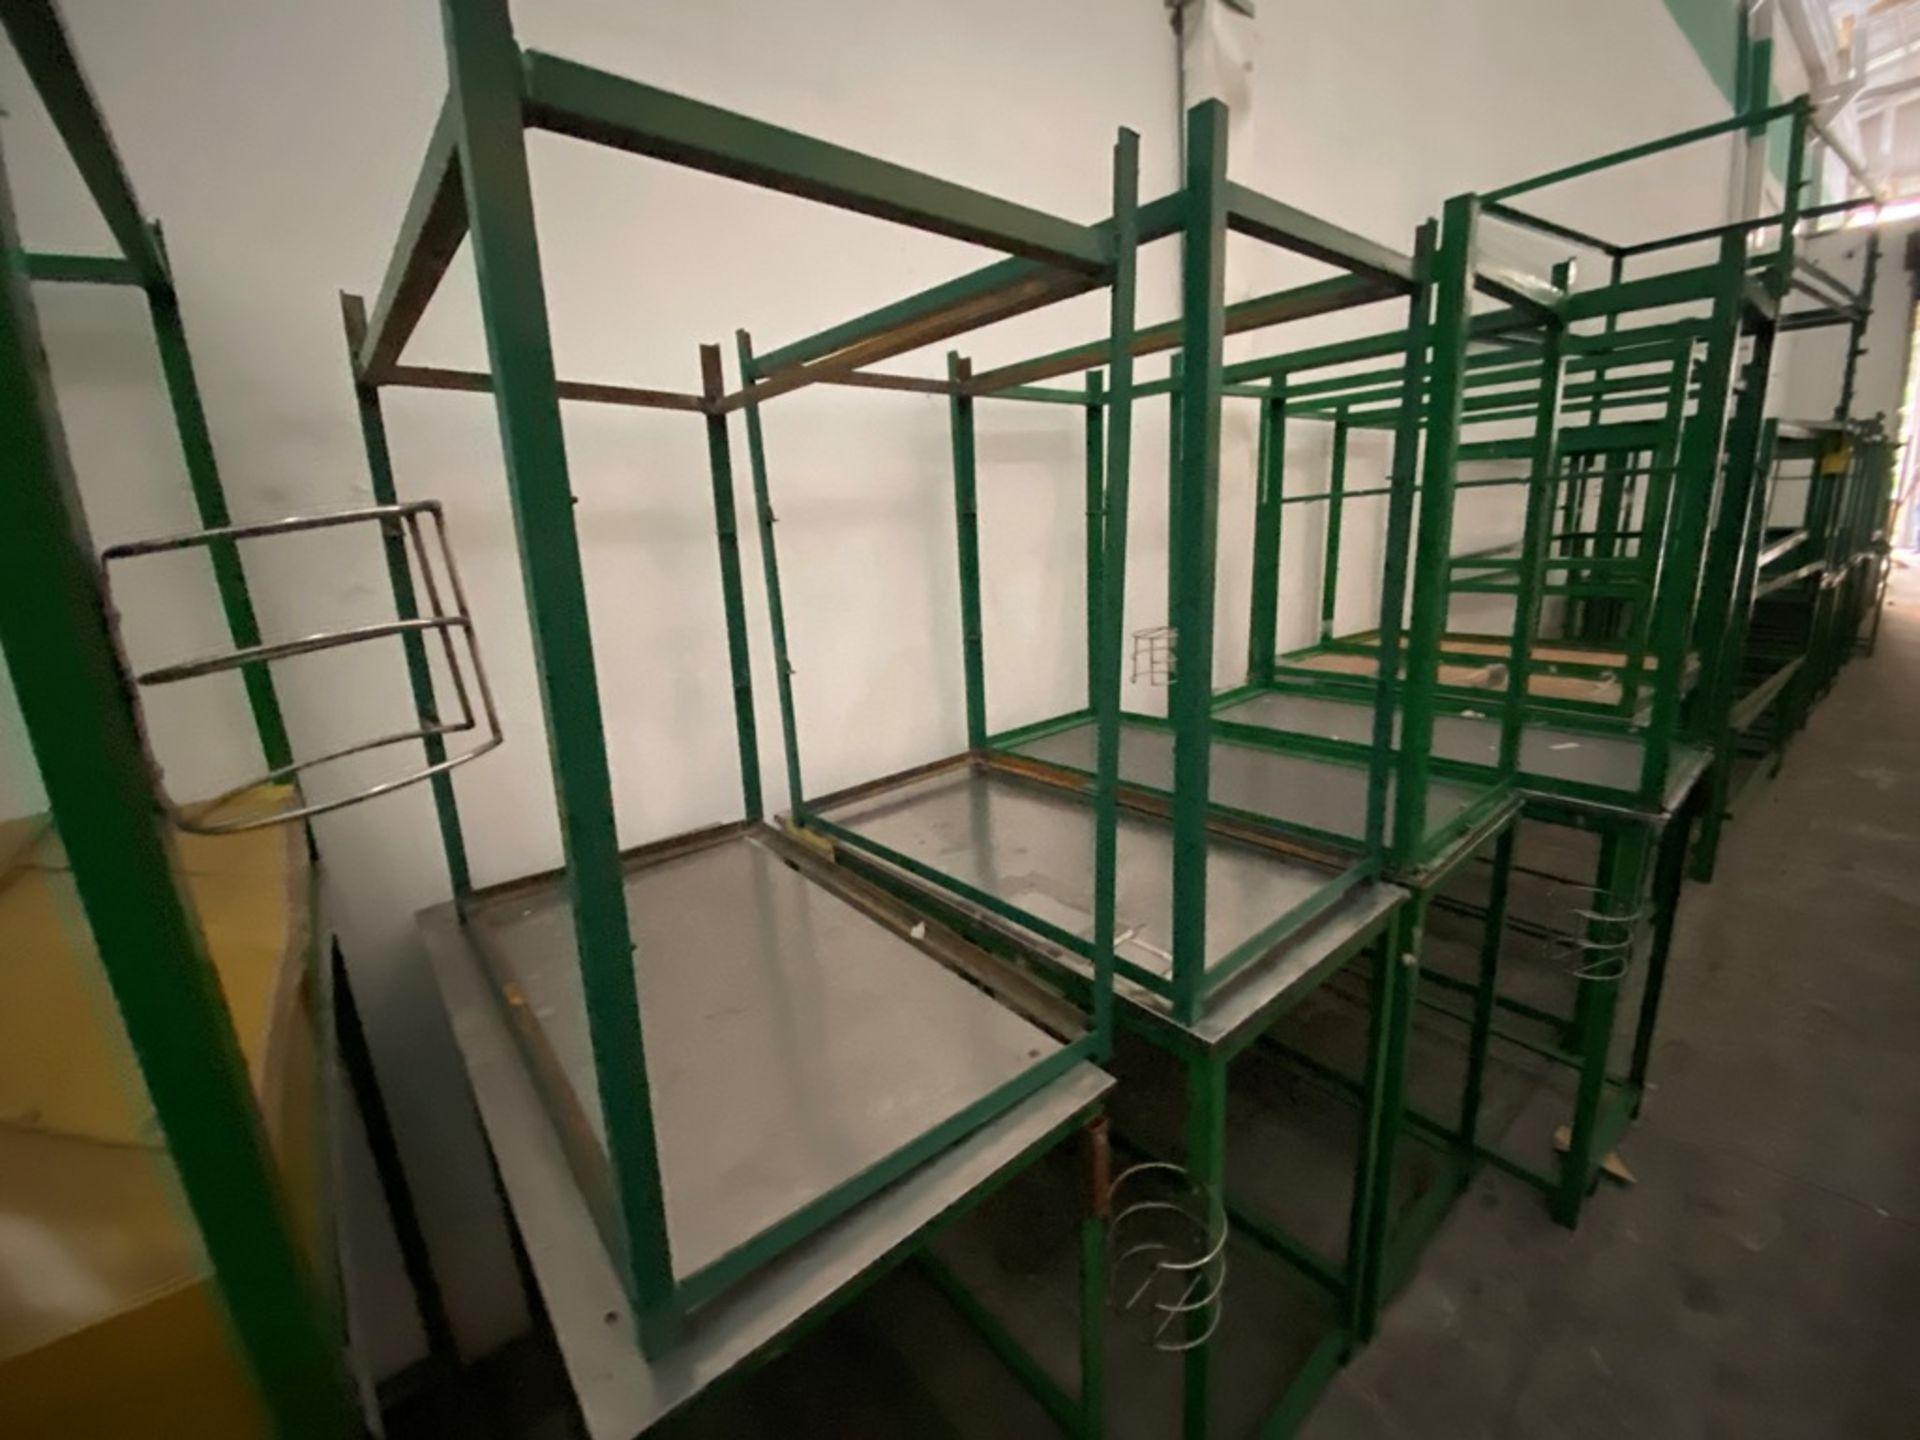 Aproximadamente 80 estantes metálicos en PTR y ángulo de diferentes medidas - Image 5 of 8